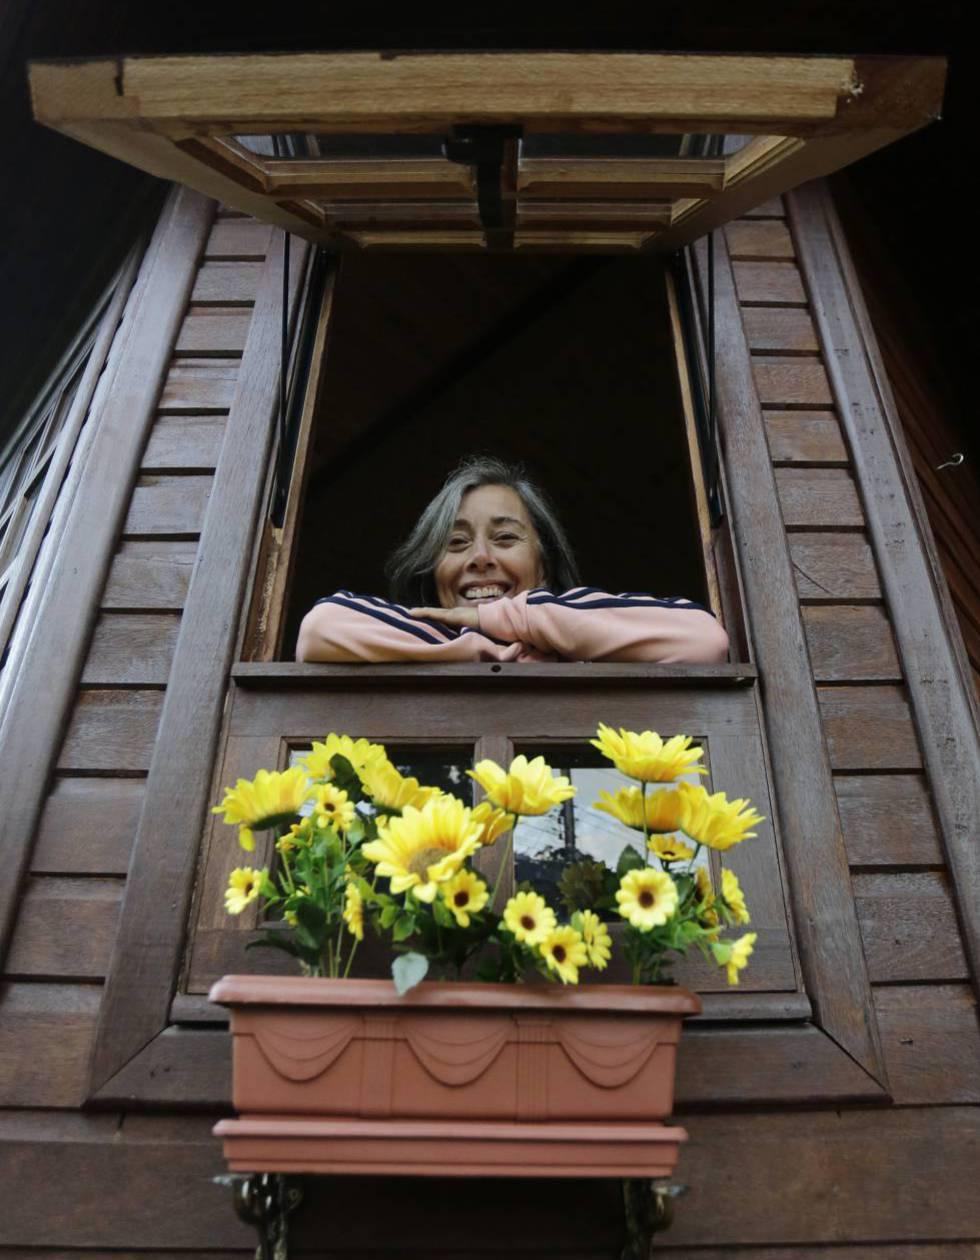 La profesora jubilada Monica Tavares de 62 años, que se mudó a la ciudad para tener más calidad de vida.